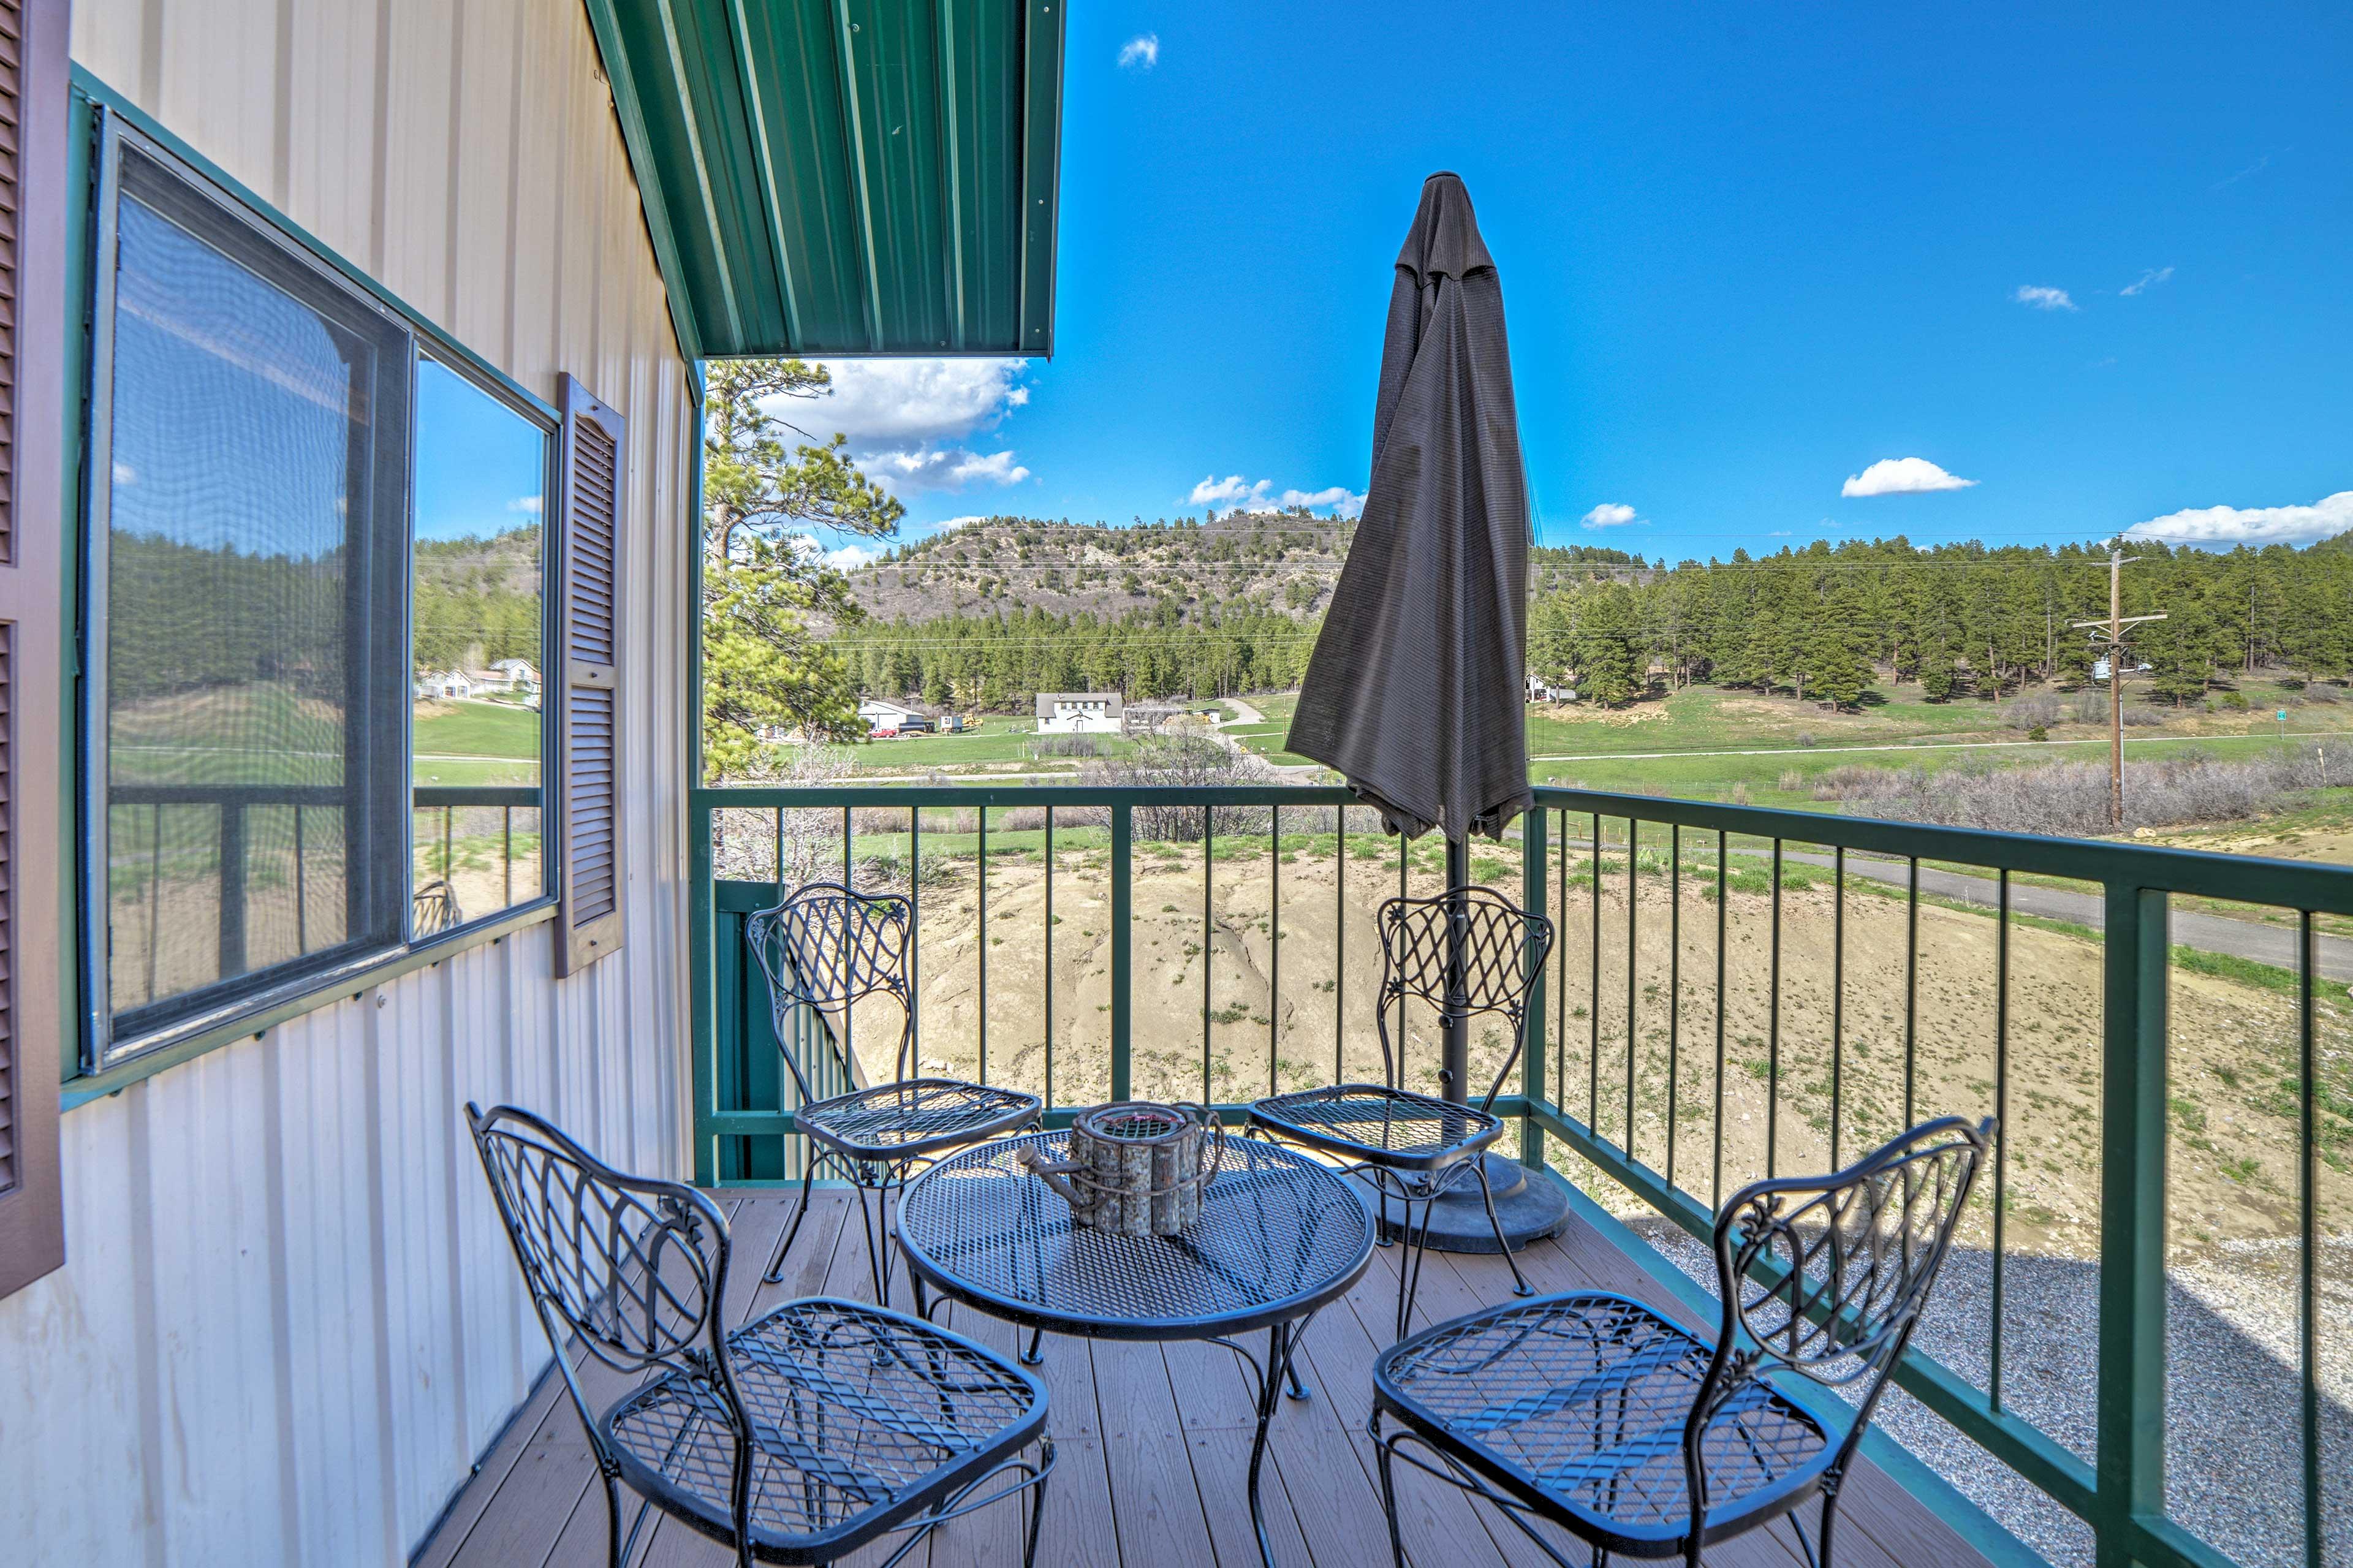 Balcony | Mountain Views | Outdoor Dining Table | Sun Umbrella